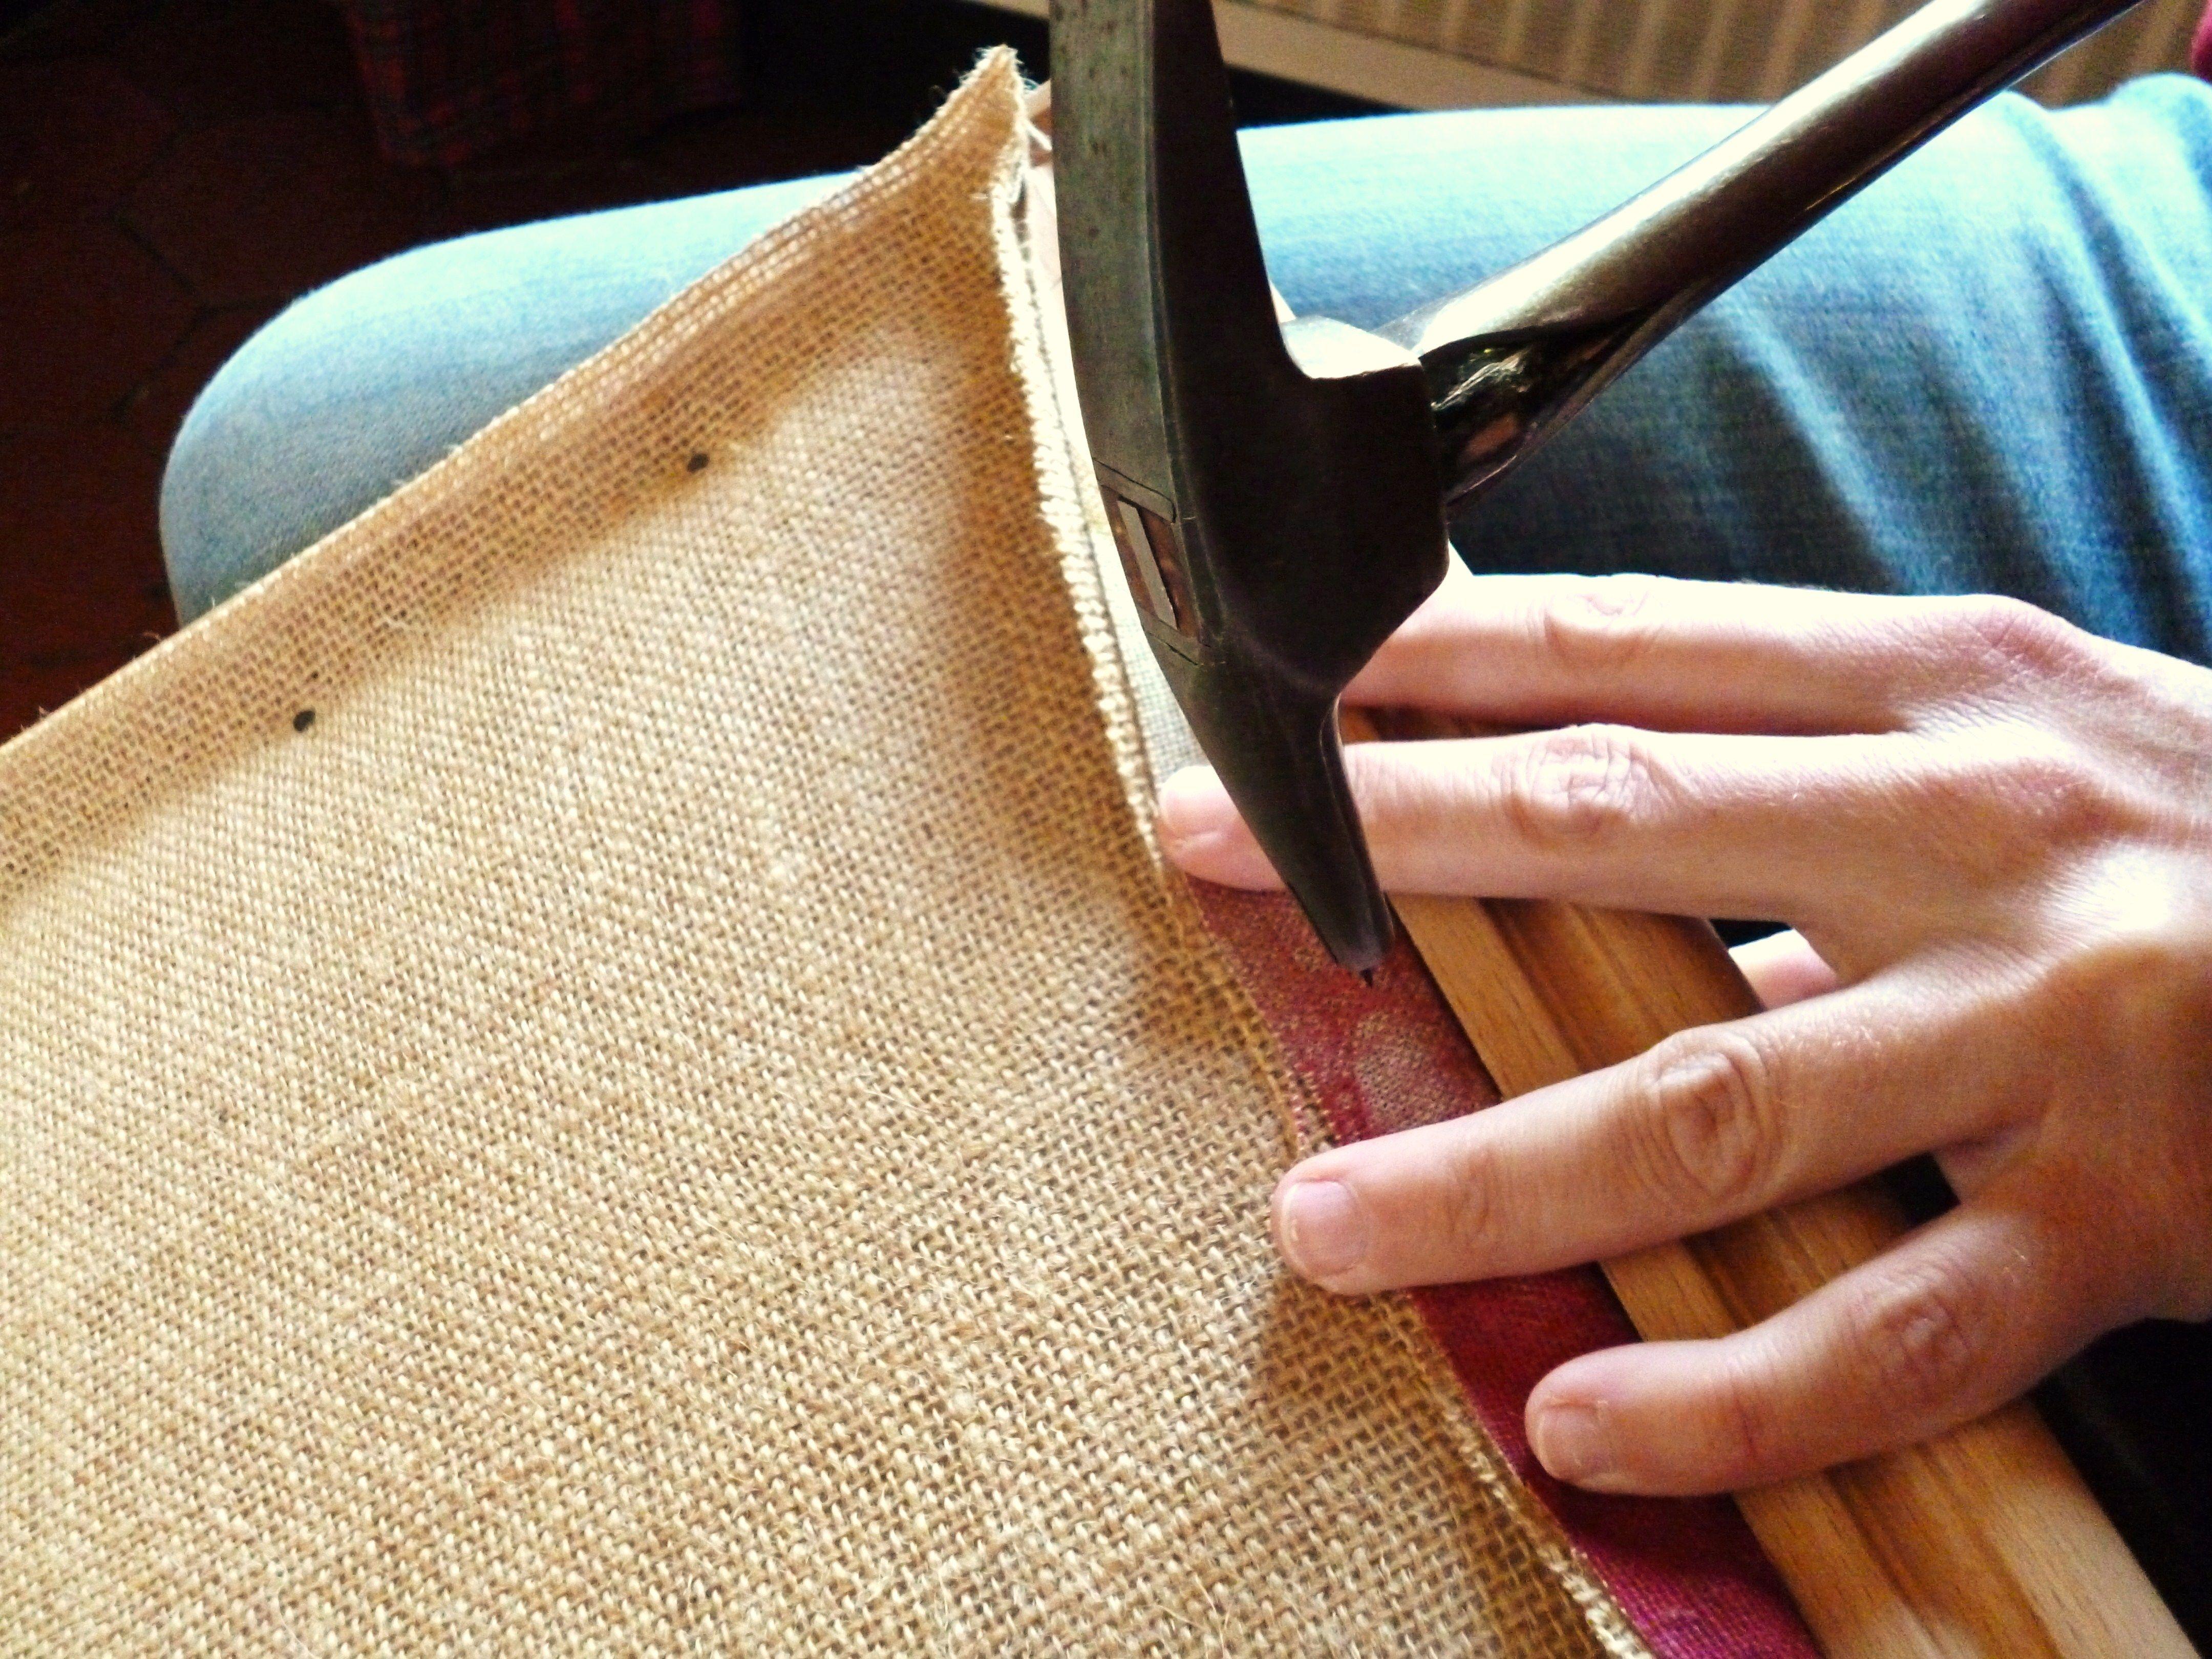 tapissier d corateur tapisserie d 39 ameublement toile forte outils tapissier semences de. Black Bedroom Furniture Sets. Home Design Ideas